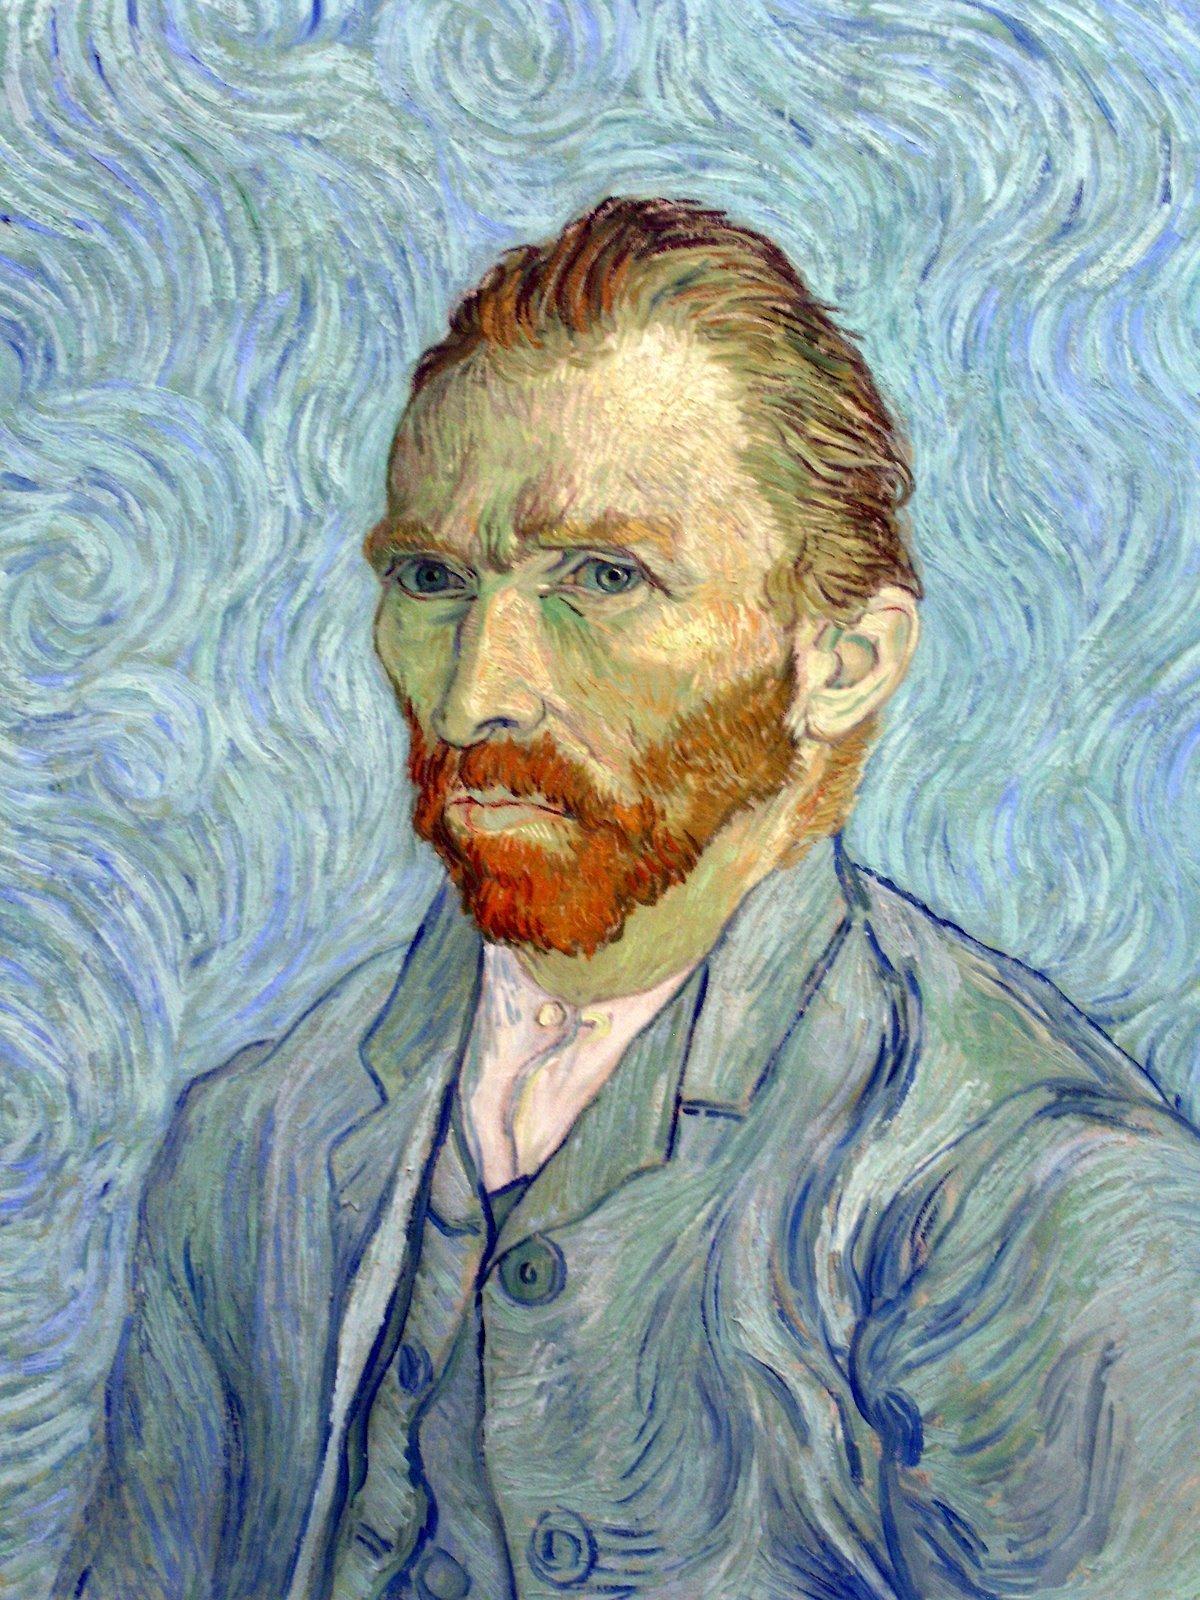 Vincent Van Gogh: Colorblind? App Sheds Light